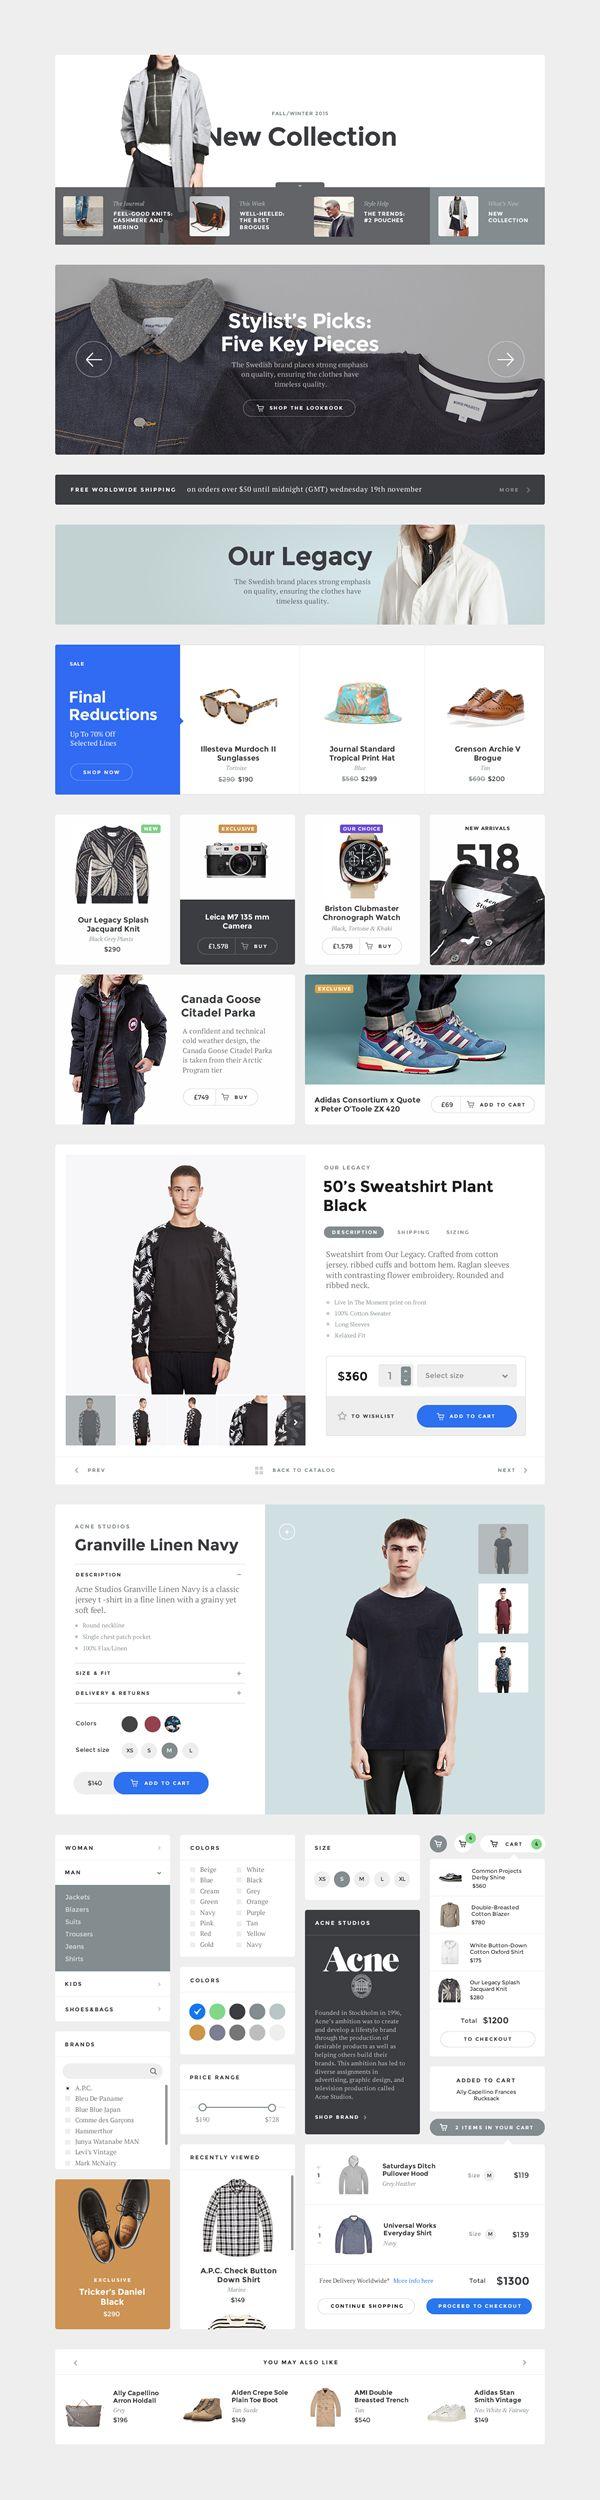 https://dribbble.com/shots/1816500-Baikal-UI-Kit-E-Commerce/attachments/300919